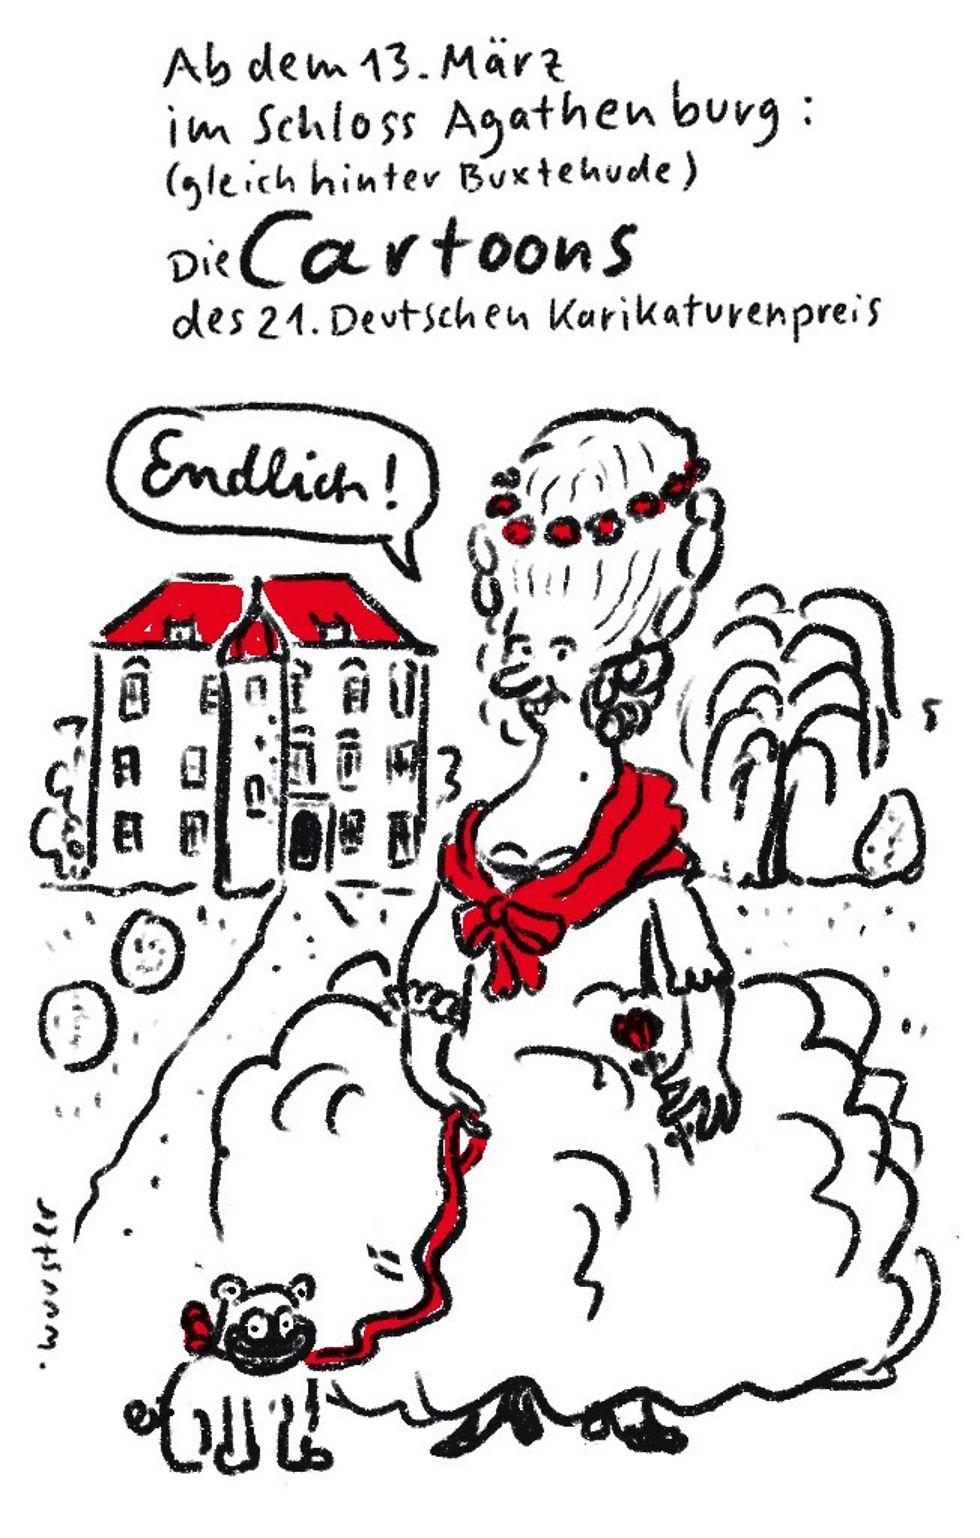 Karikatur: Eine barocke Dame mit Hündchen vor dem Schloss Agathenburg. Text: Ab dem 13. März im Schloss Agathenburg: Die Cartoons des 21. Deutschen Karikaturenpreis.